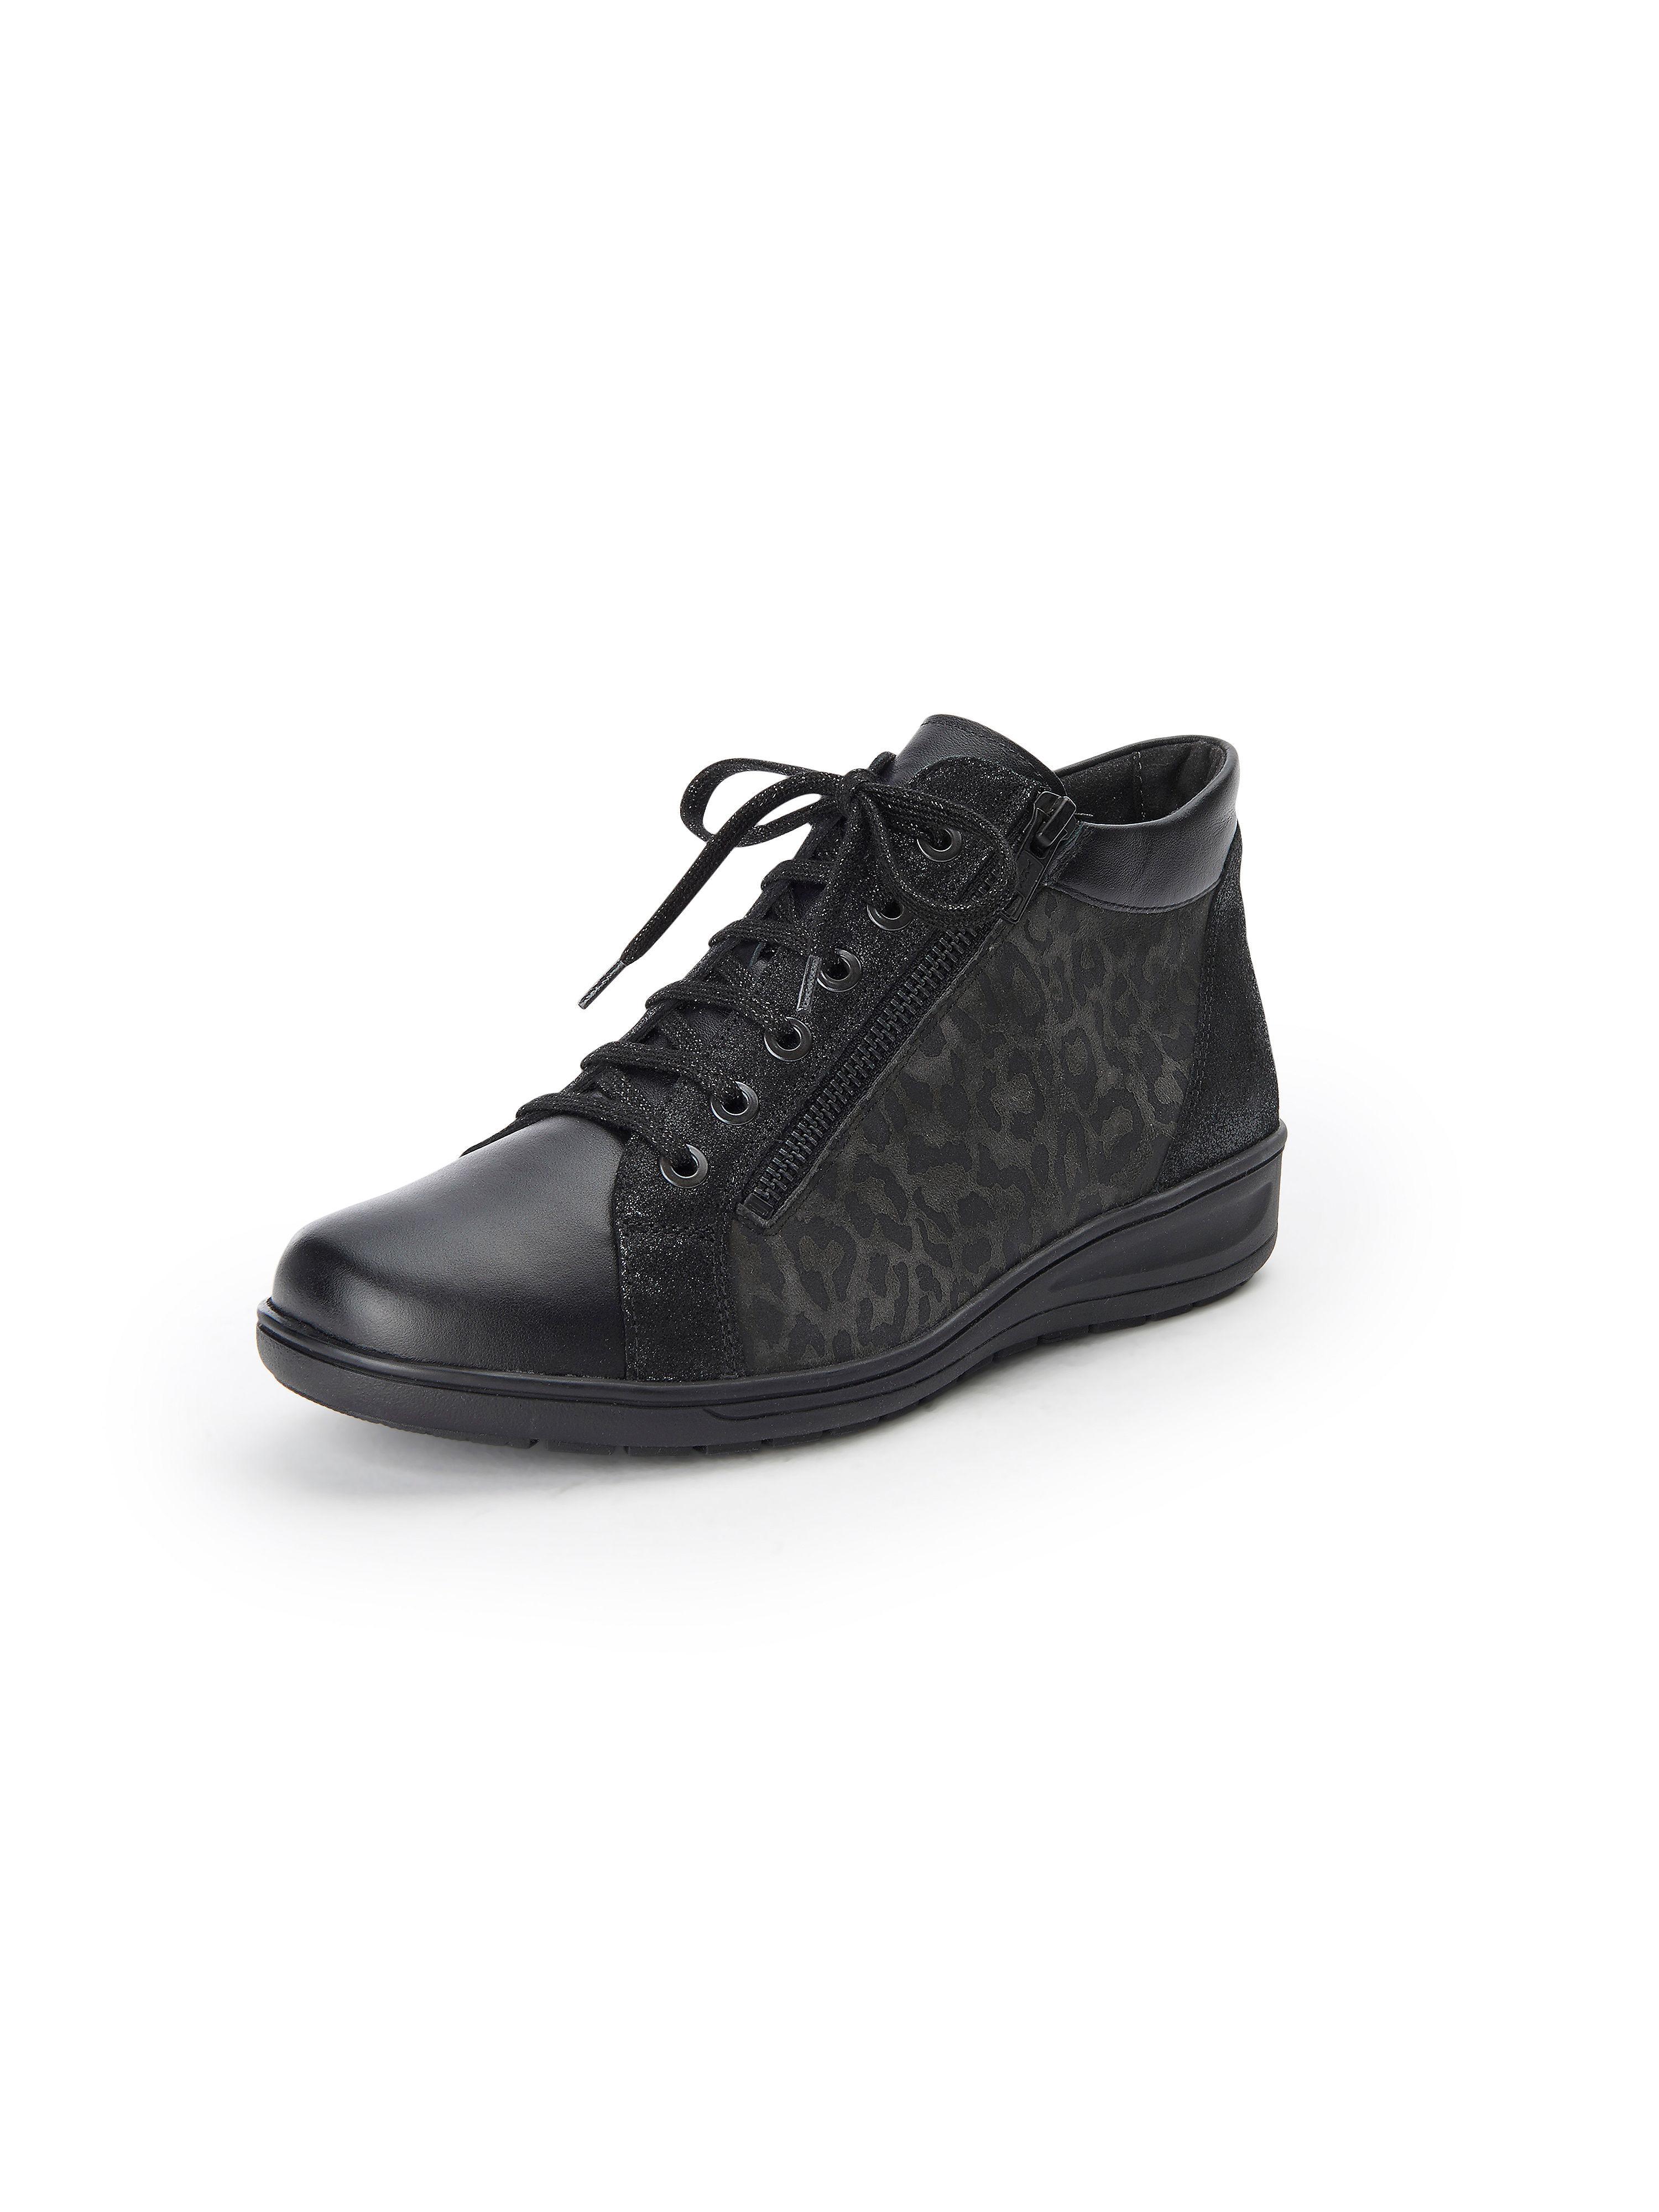 Solidus Ankelhöga sneakers för kvinnor, modell Kate från Solidus svart